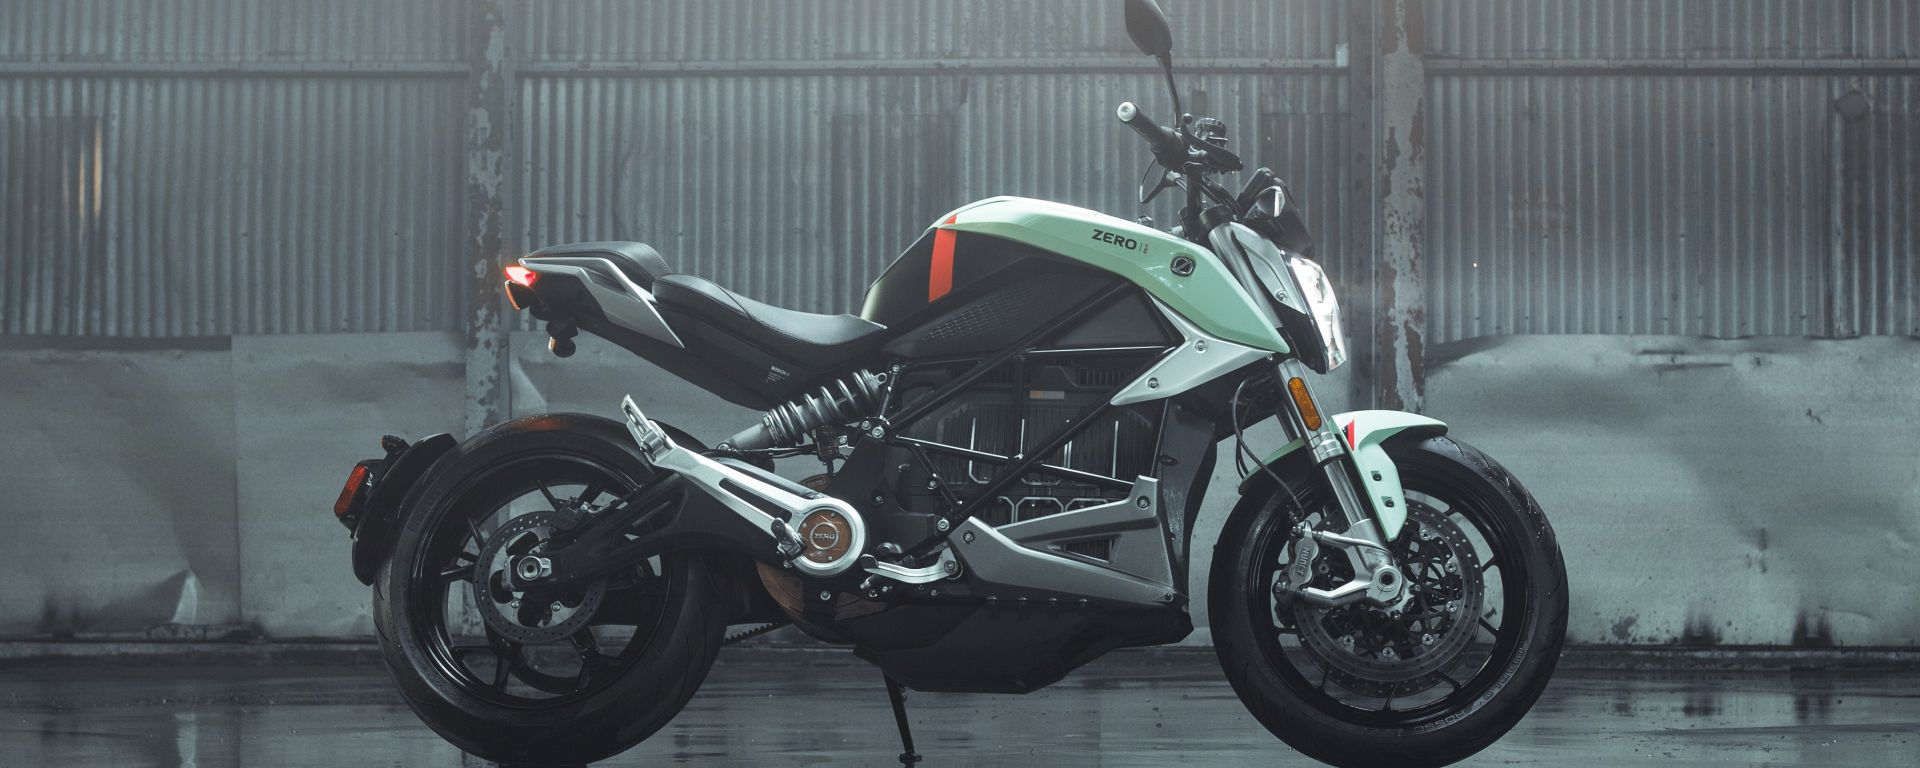 Promozioni Zero Motorcycles